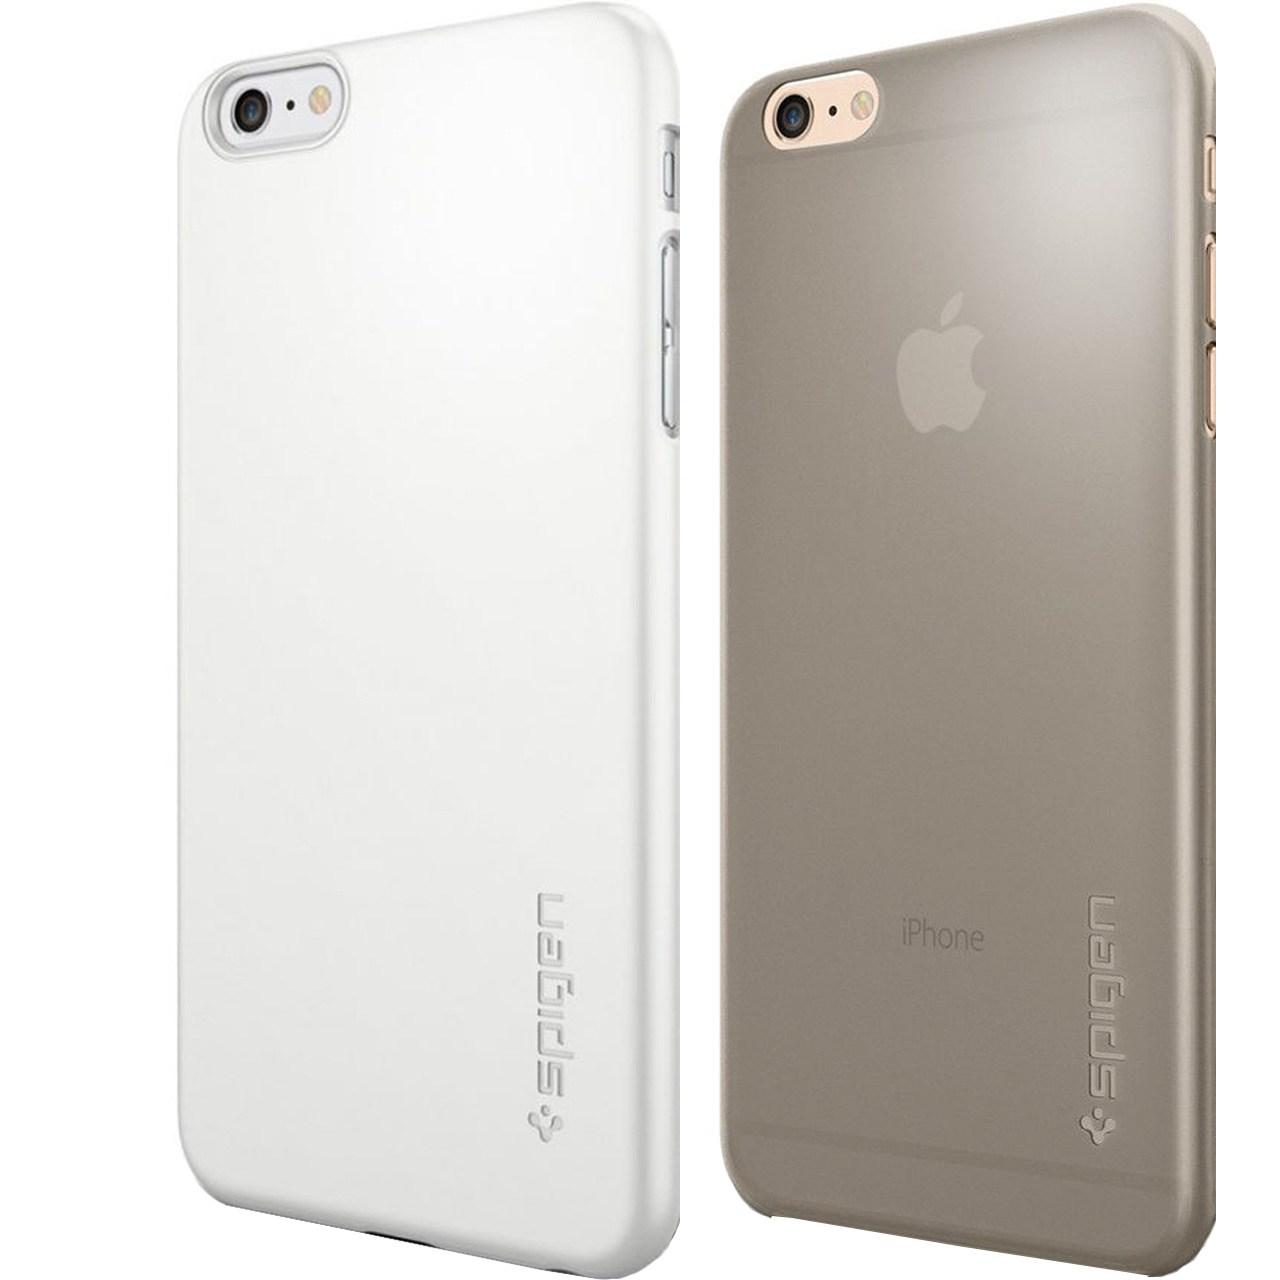 مجموعه کاور و محافظ اسپیگن شماره 8 مناسب برای گوشی موبایل آیفون 6 پلاس6